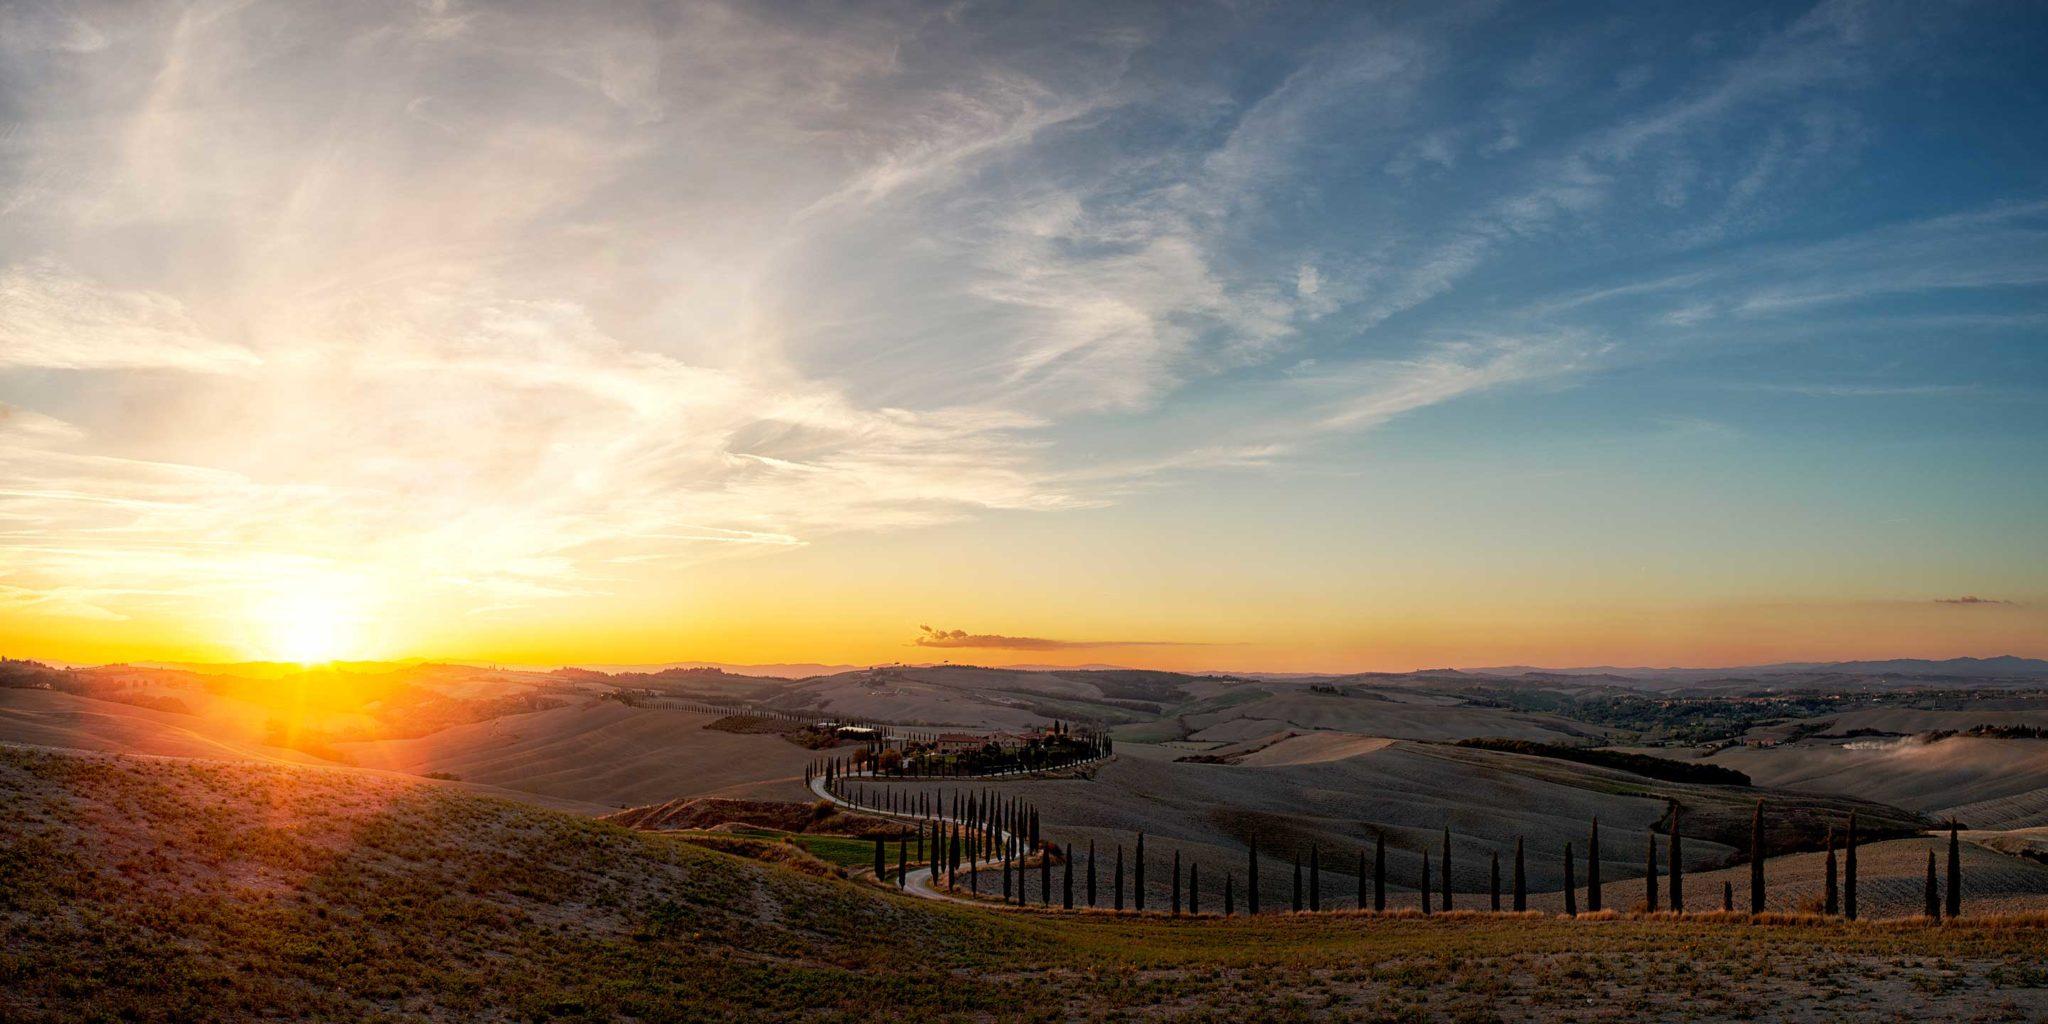 Sonnenuntergang in der Toskana, Herbst. Zypressen gesäumte Allee führt den Blick zu einem großen Farmhouse, dramatischer Himmel, grandioser Sonnenuntergang. Ruhige Stimmung. Workshops, Fotografie, Panorama, Photography, Ernst Merkhofer, Fotograf